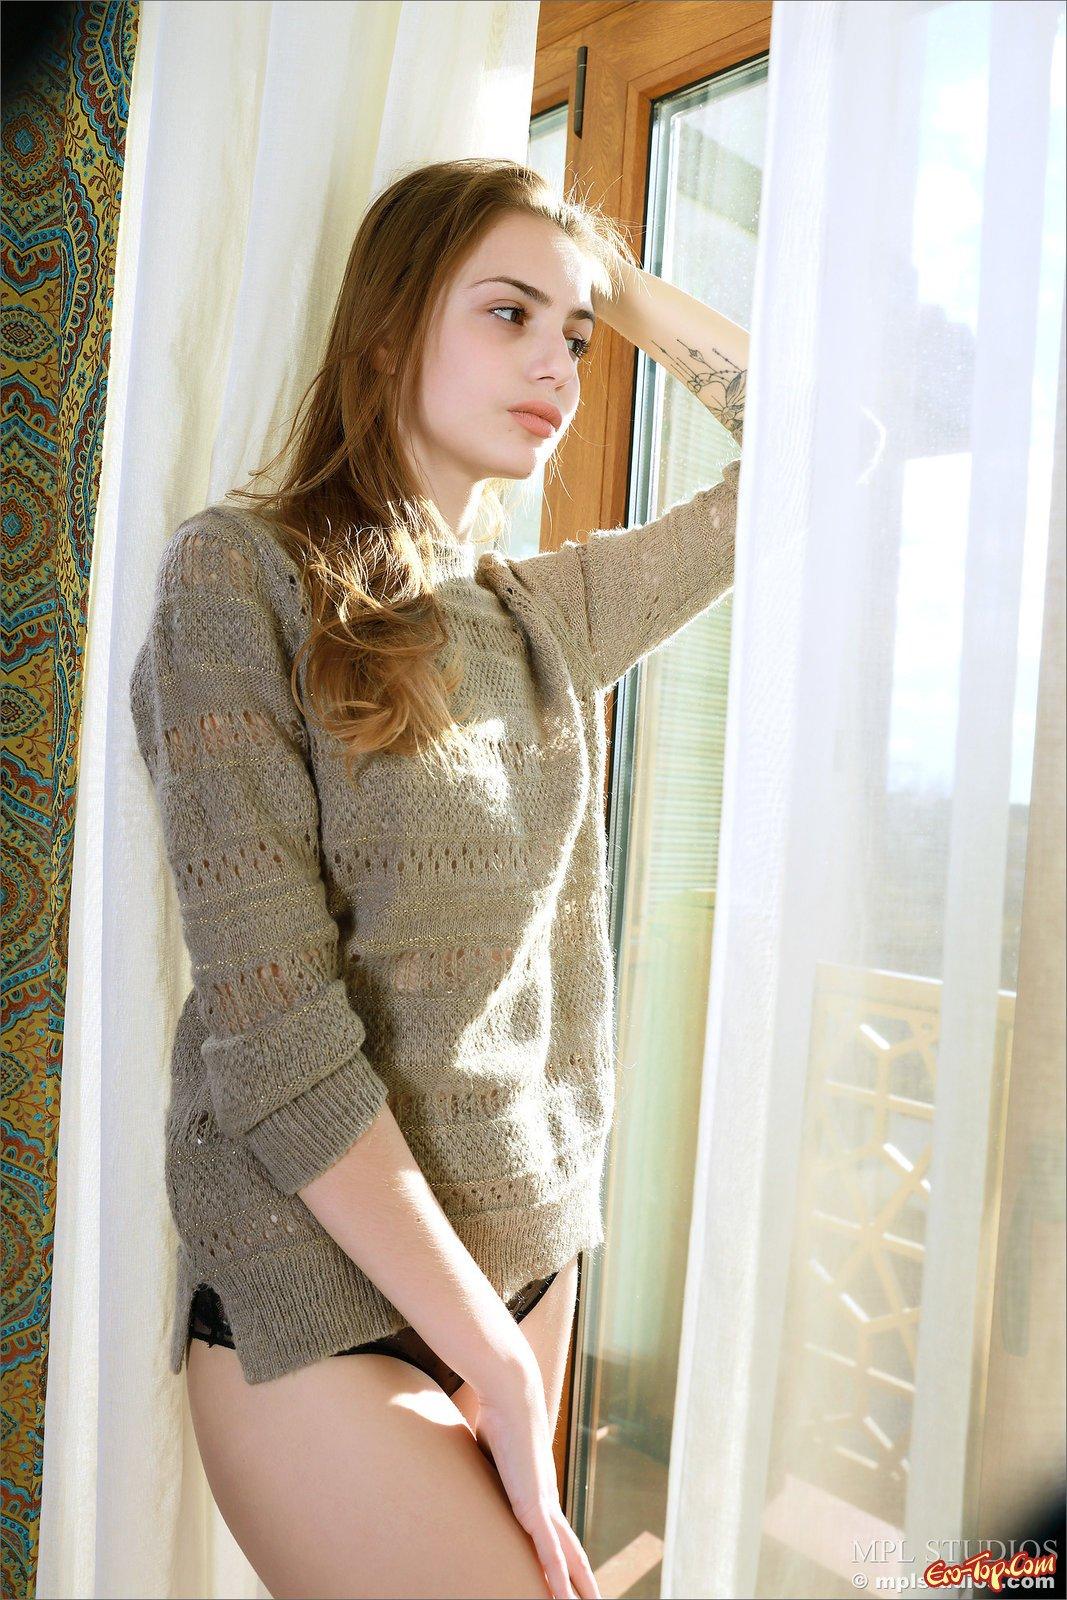 Худышка раздевается у себя в квартире возле окна